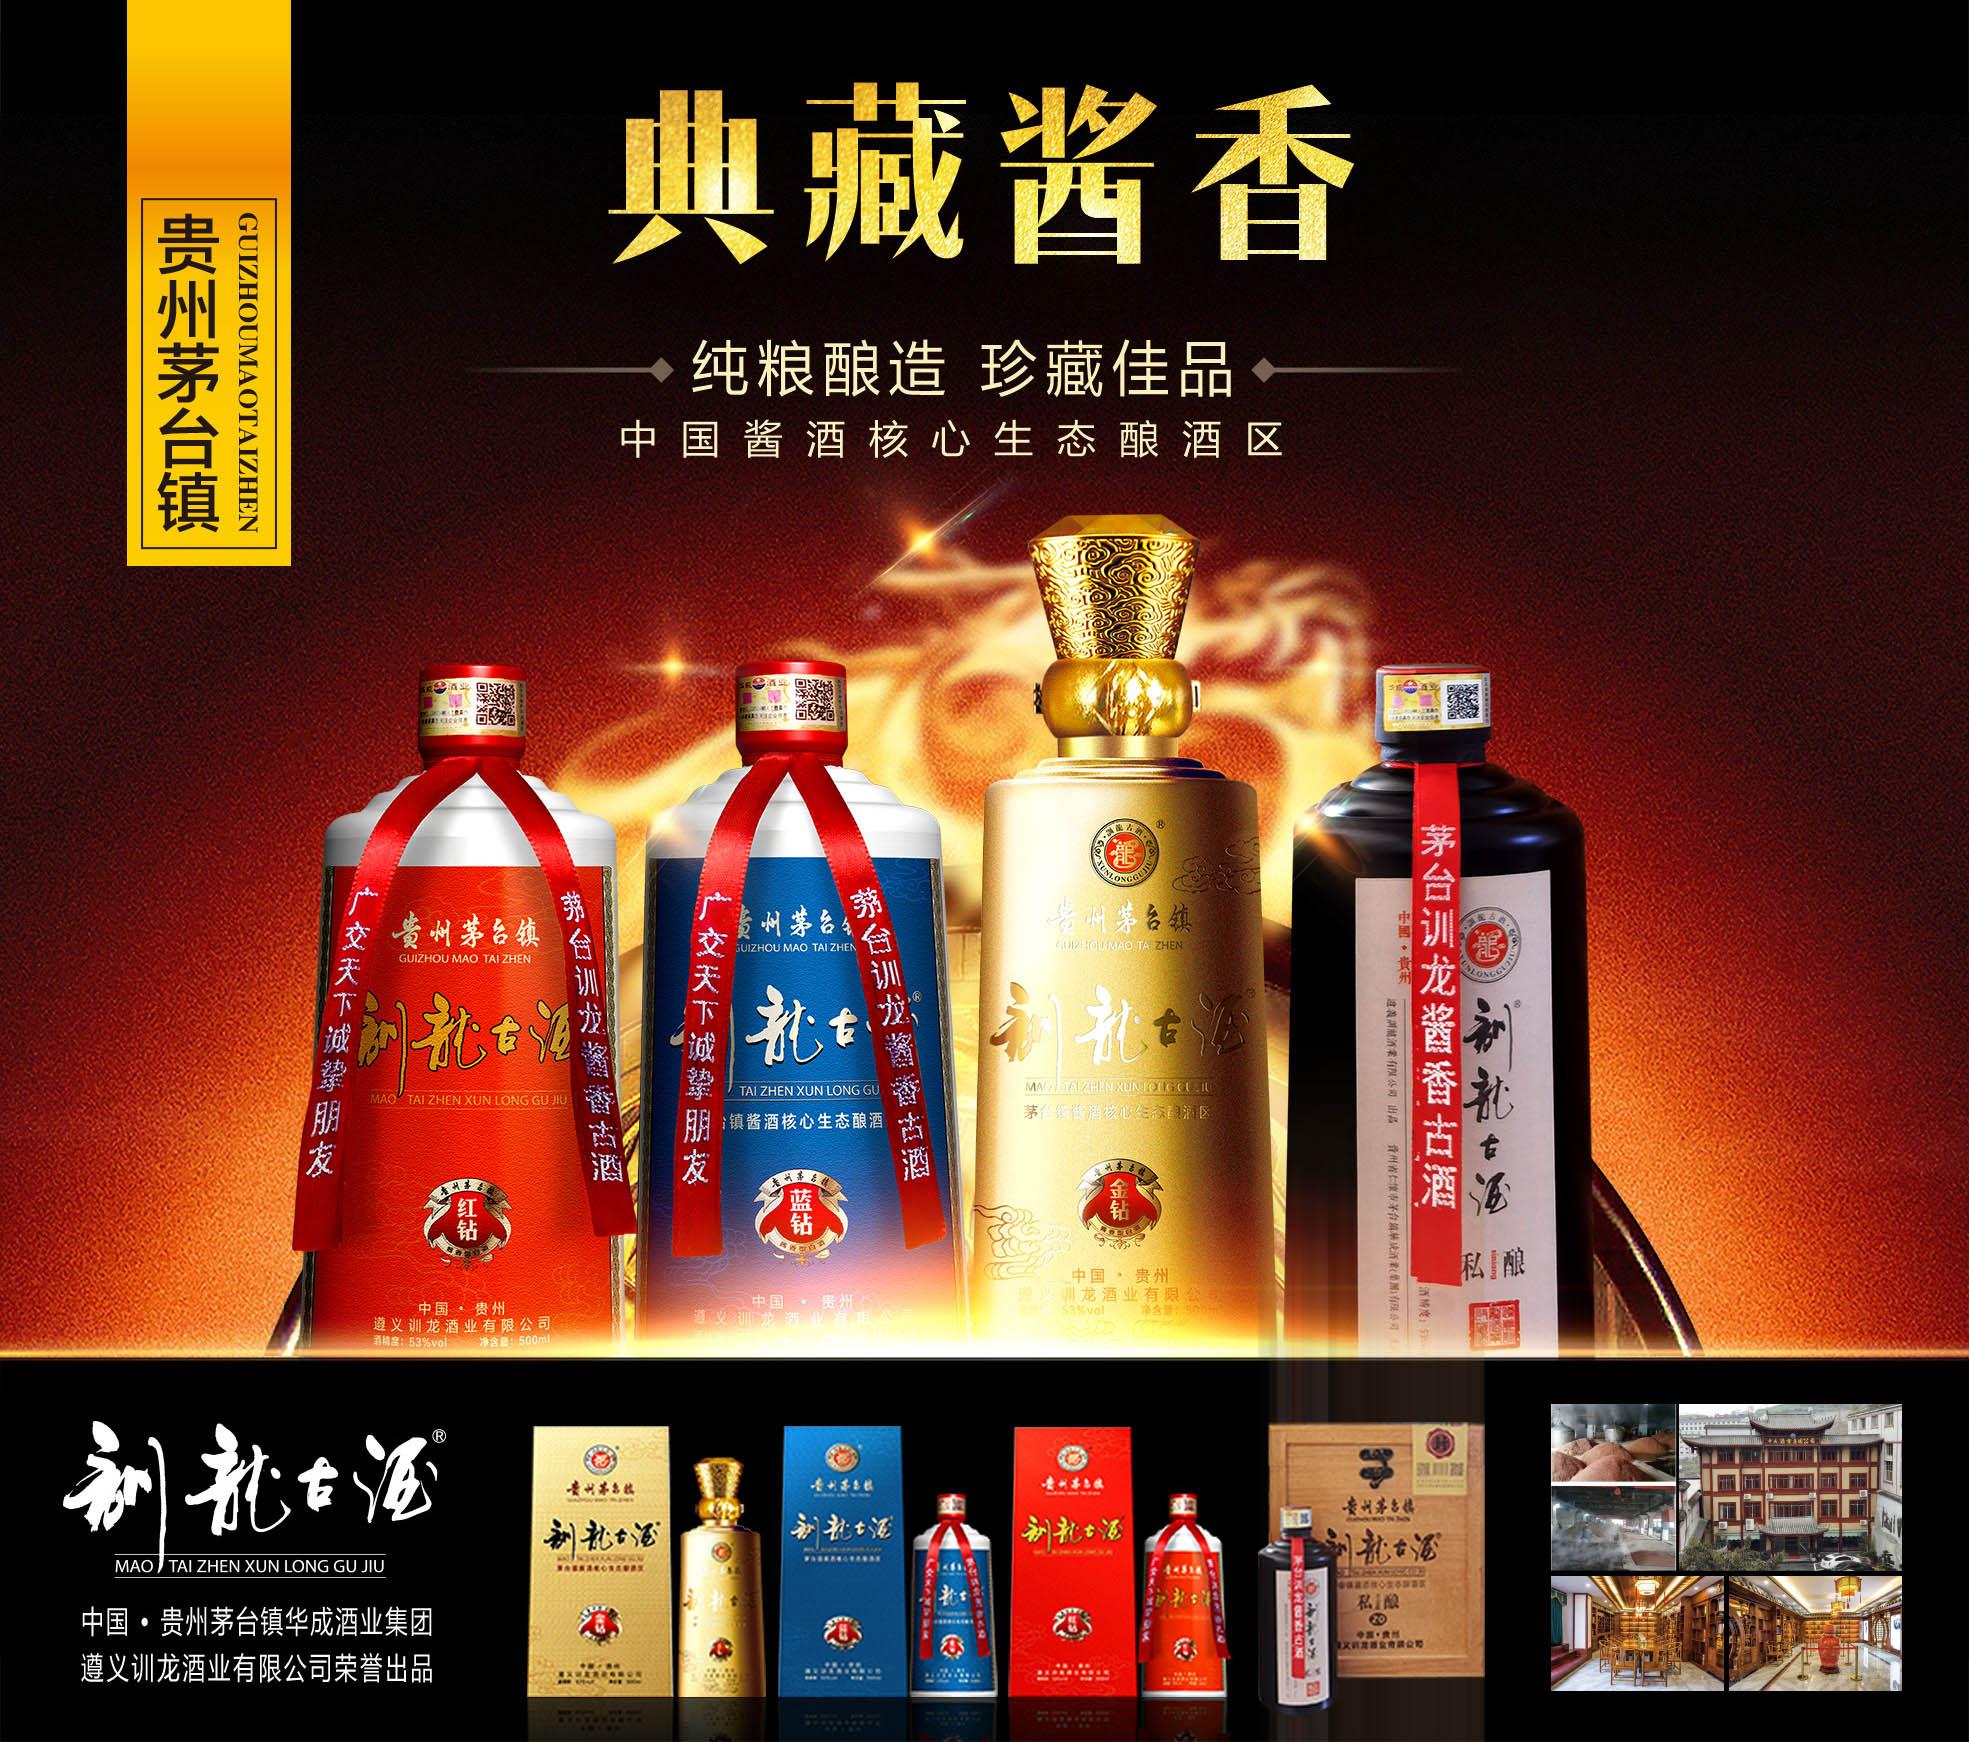 贵州茅台镇训龙古酒:训道佳酿承天造,龙泉琼浆满盏香